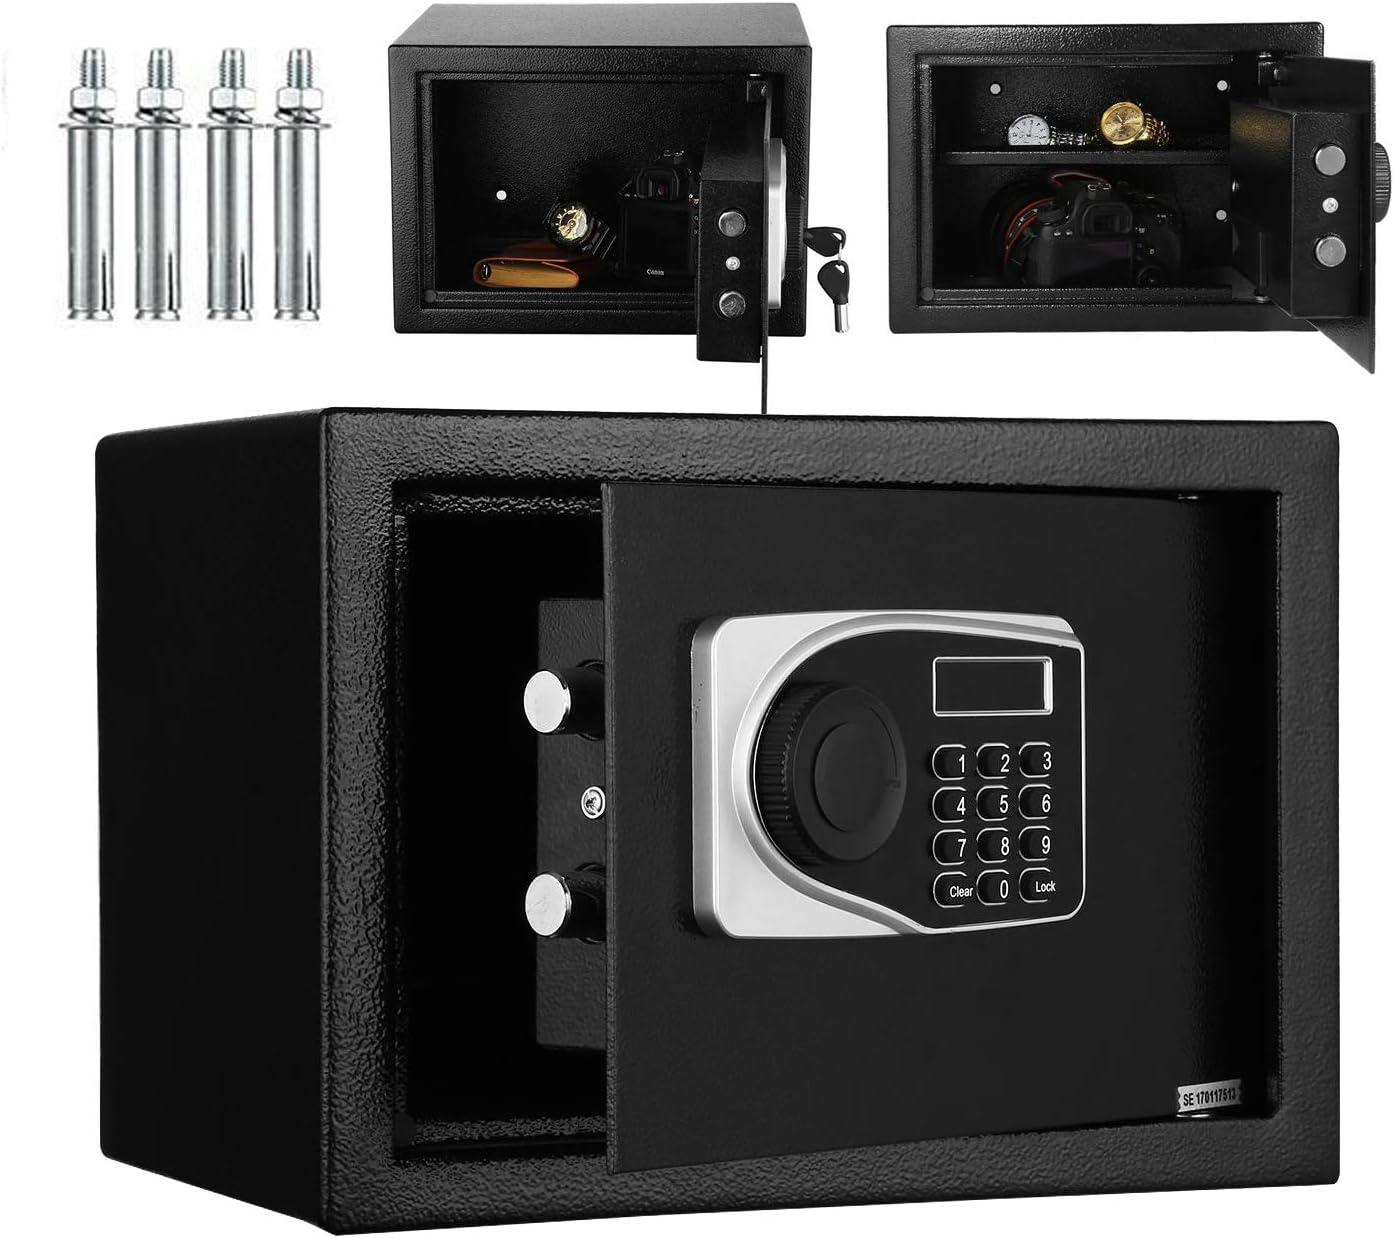 B/üro Elektronischer Sicherheits-Safe mit Tastenfeld 2 Notfallschl/üsseln f/ür Zuhause Schmuckkassette 35,6 x 24,9 x 24,8 cm inkl digitale Spardose